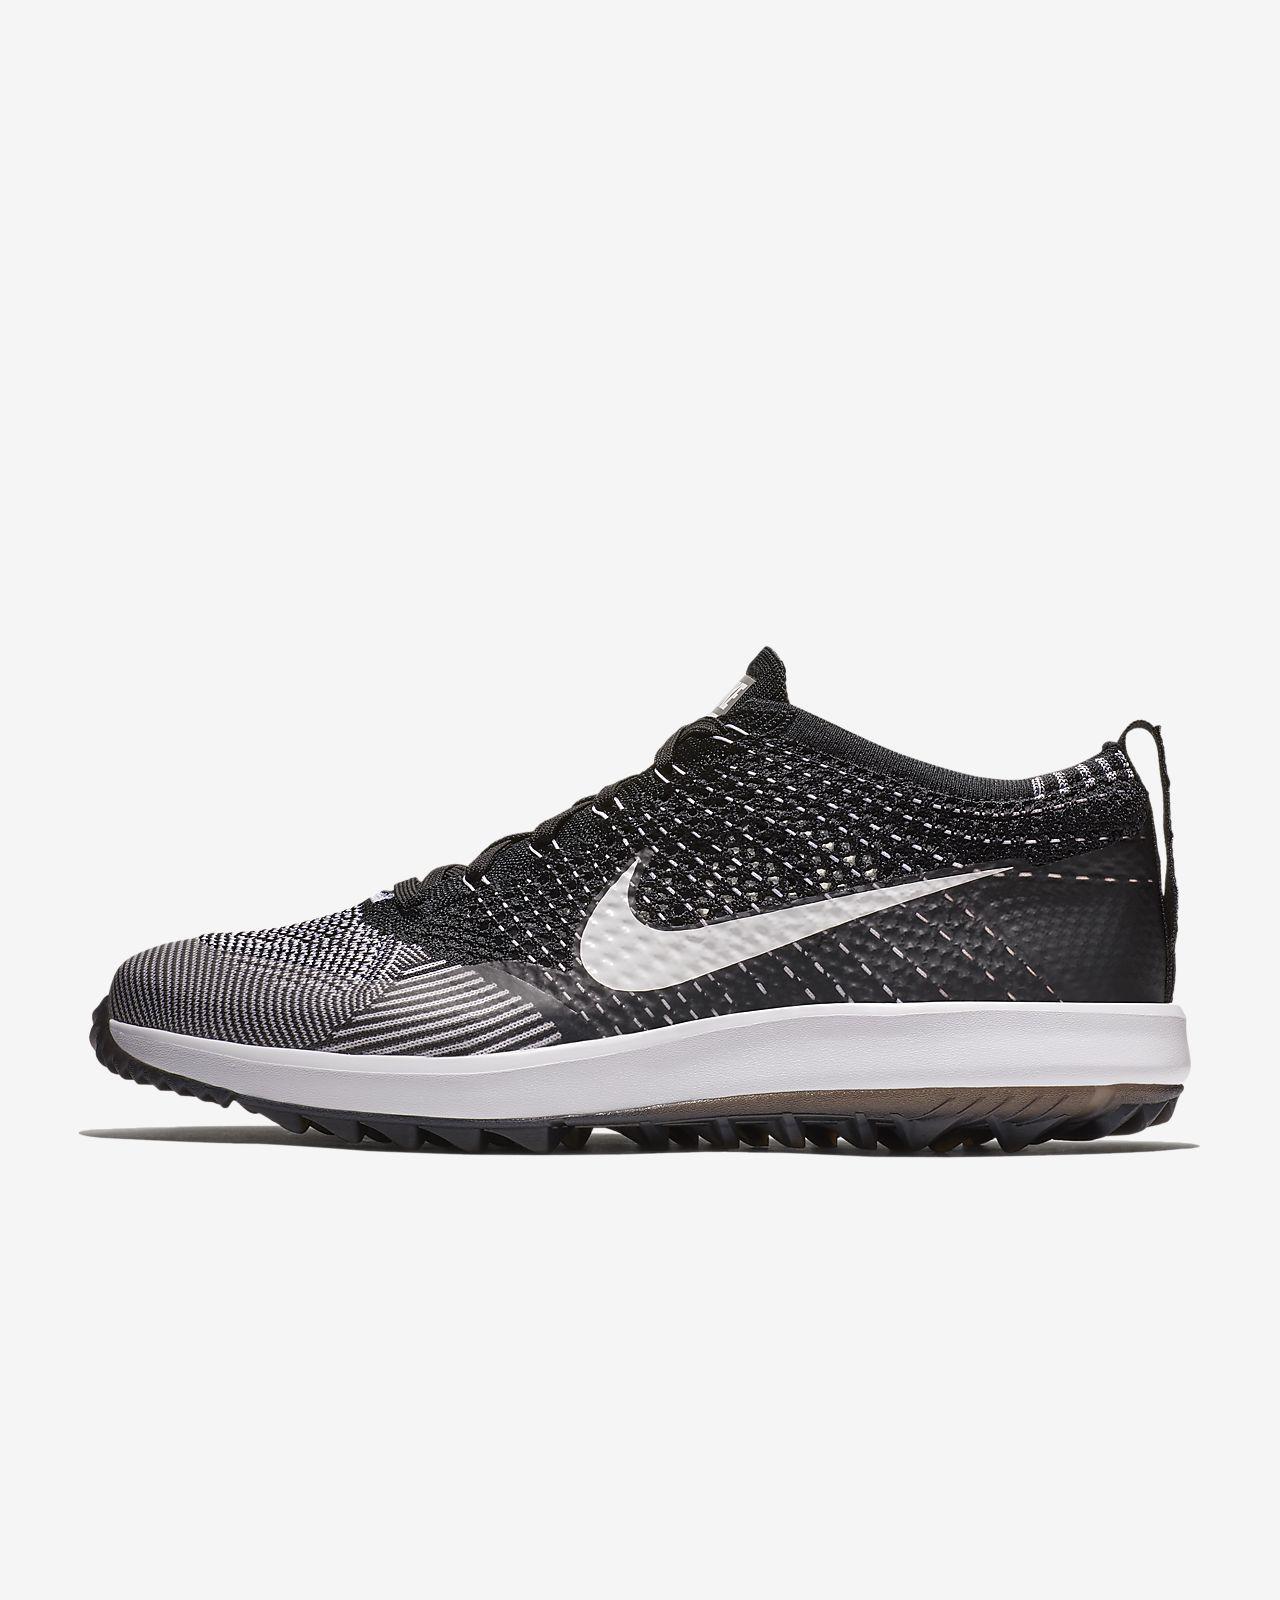 quality design b0513 27722 ... Calzado de golf para hombre Nike Flyknit Racer G